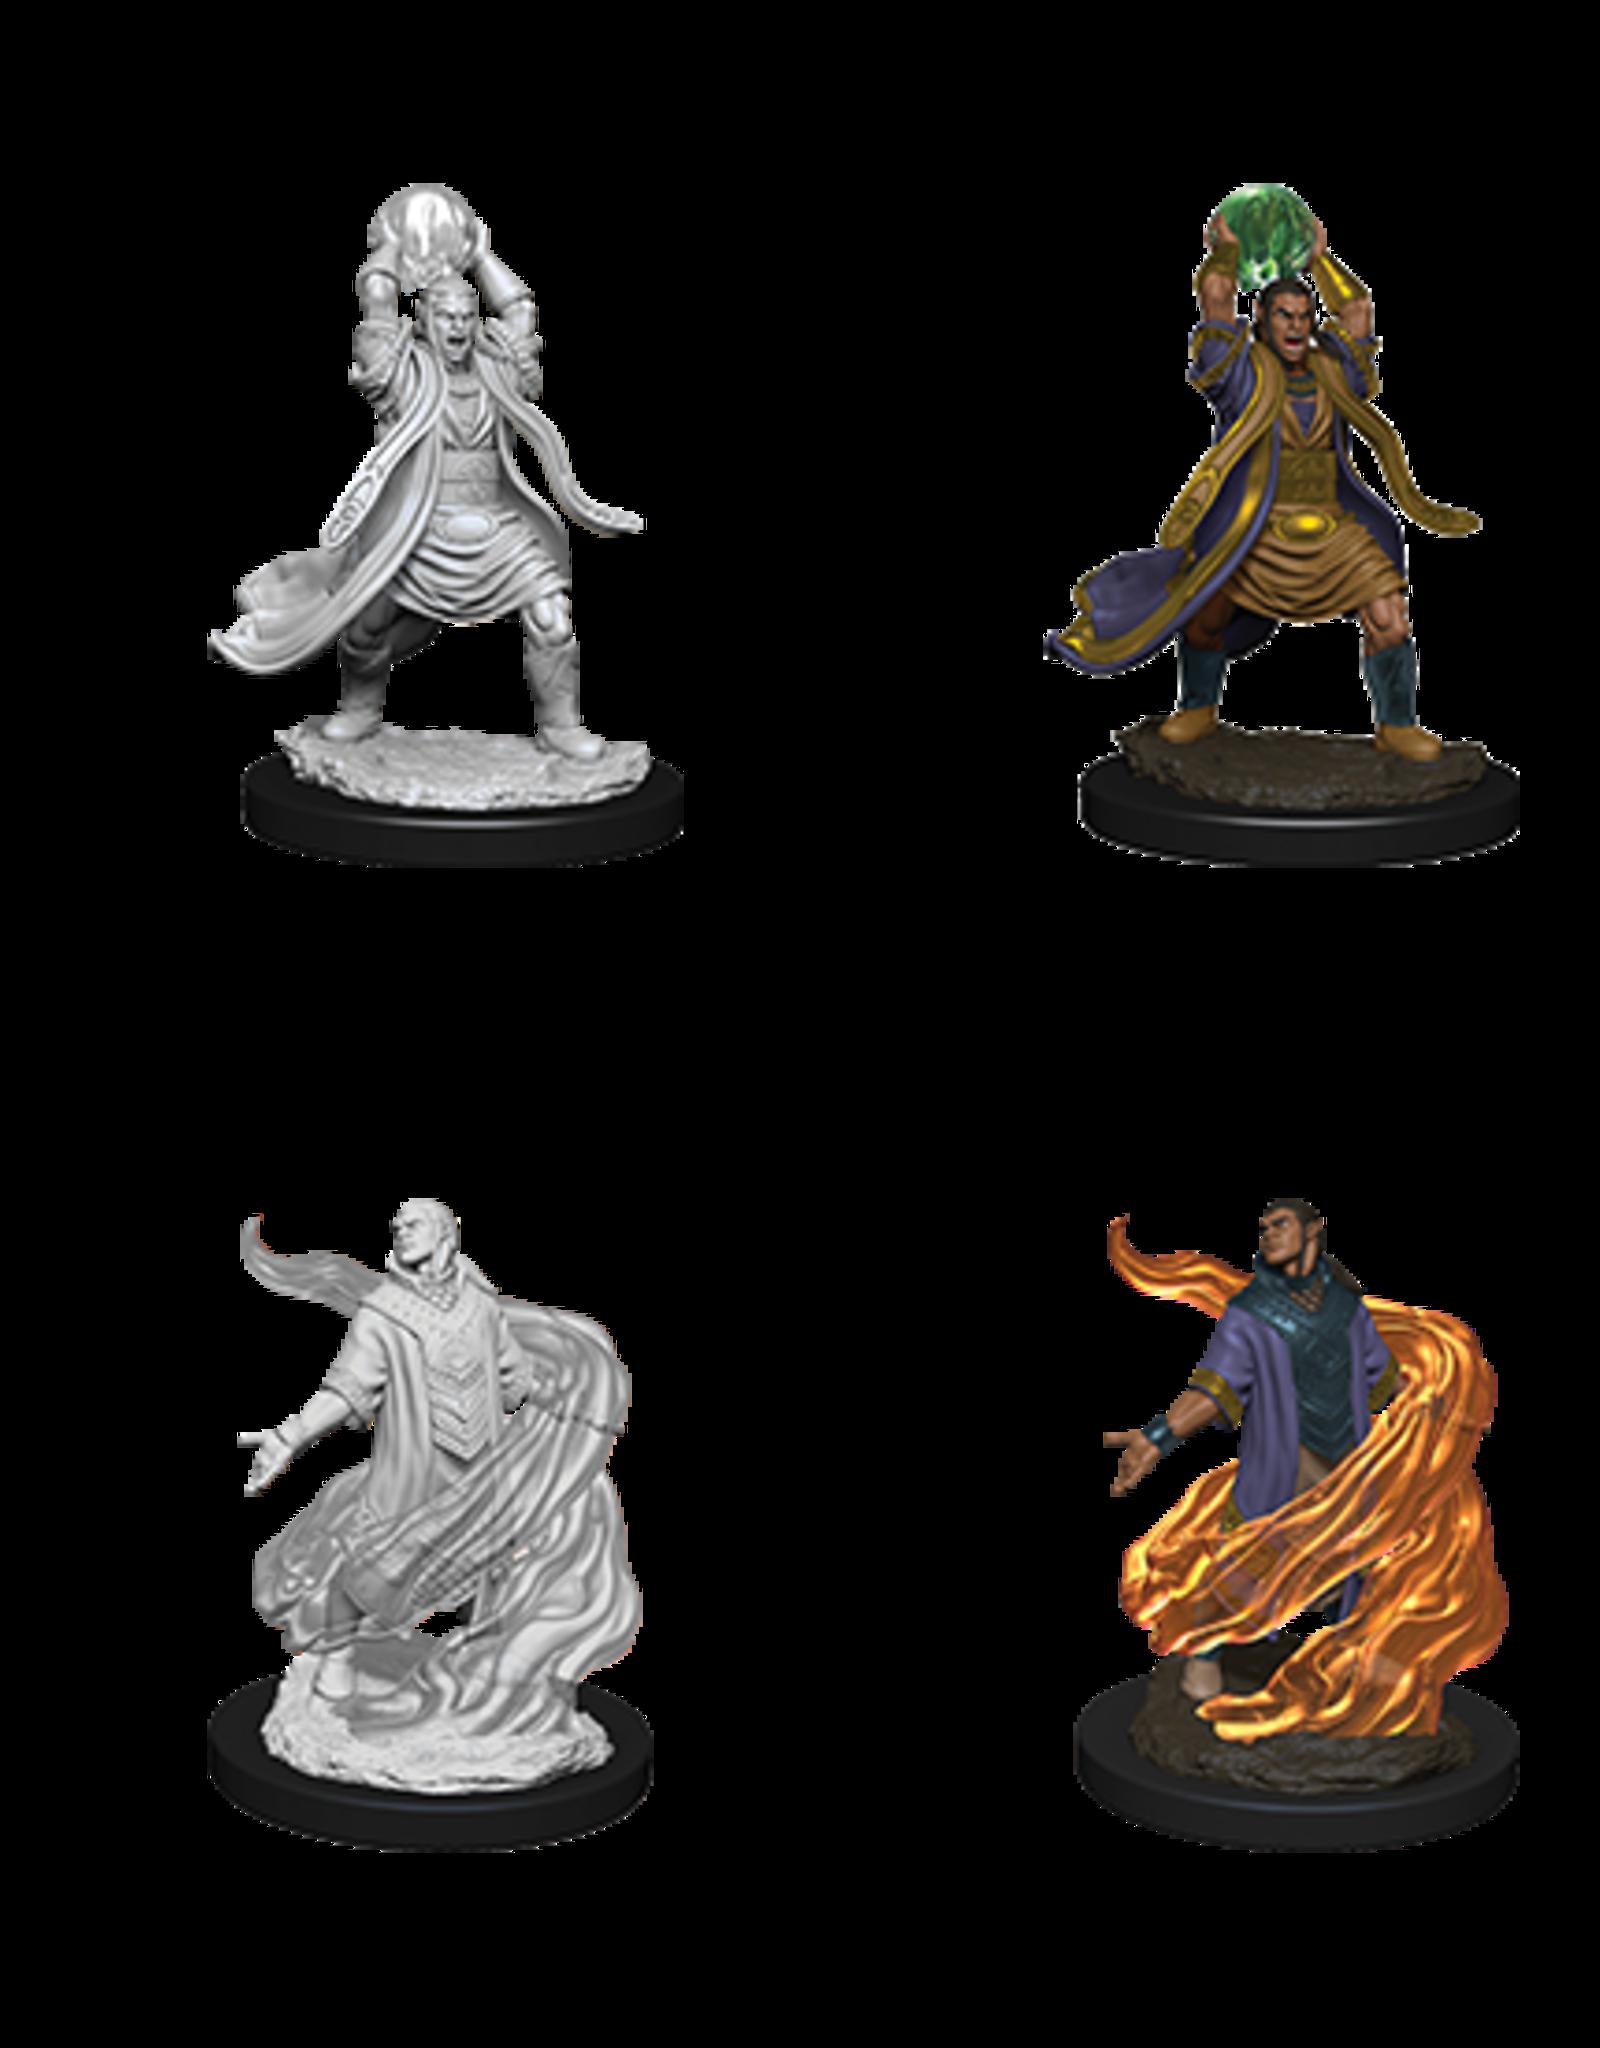 Dungeons & Dragons D&D NMU - Elf Sorcerer